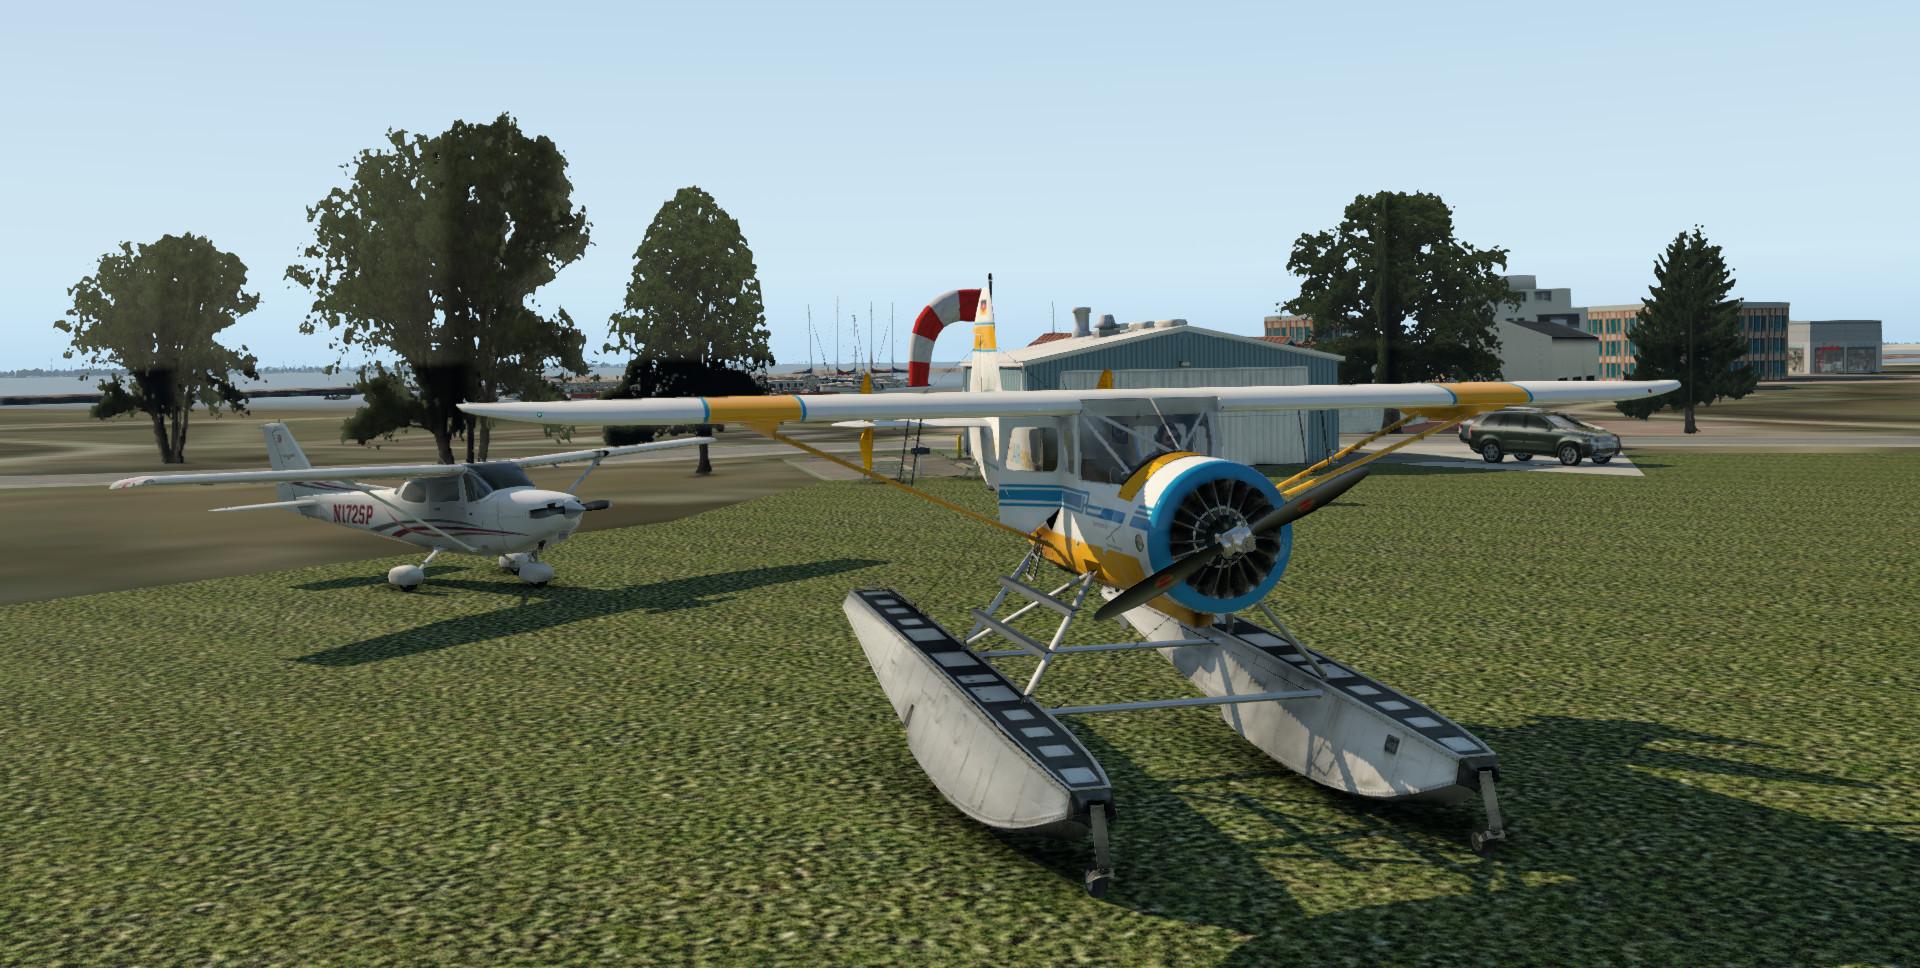 nordseerundflug-0129djt1.jpg